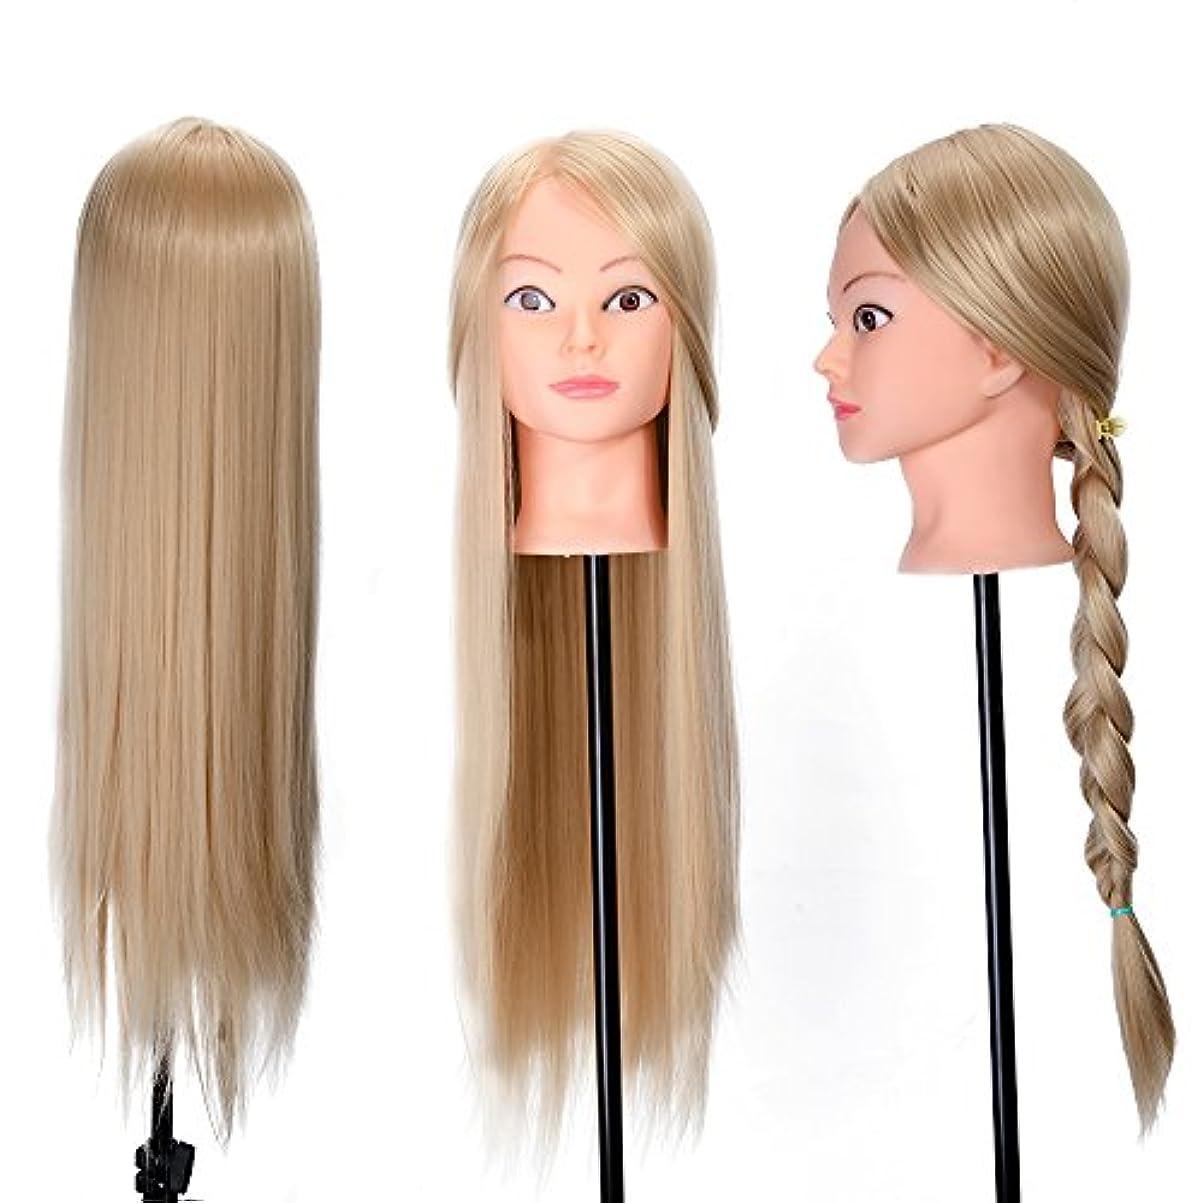 ウェイトレスやろう仮定、想定。推測26インチトレーニングヘッドヘア編組モデルヘアスタイル人形でテーブルクランプサロンスタイリングデザインマネキンダミーヘッド